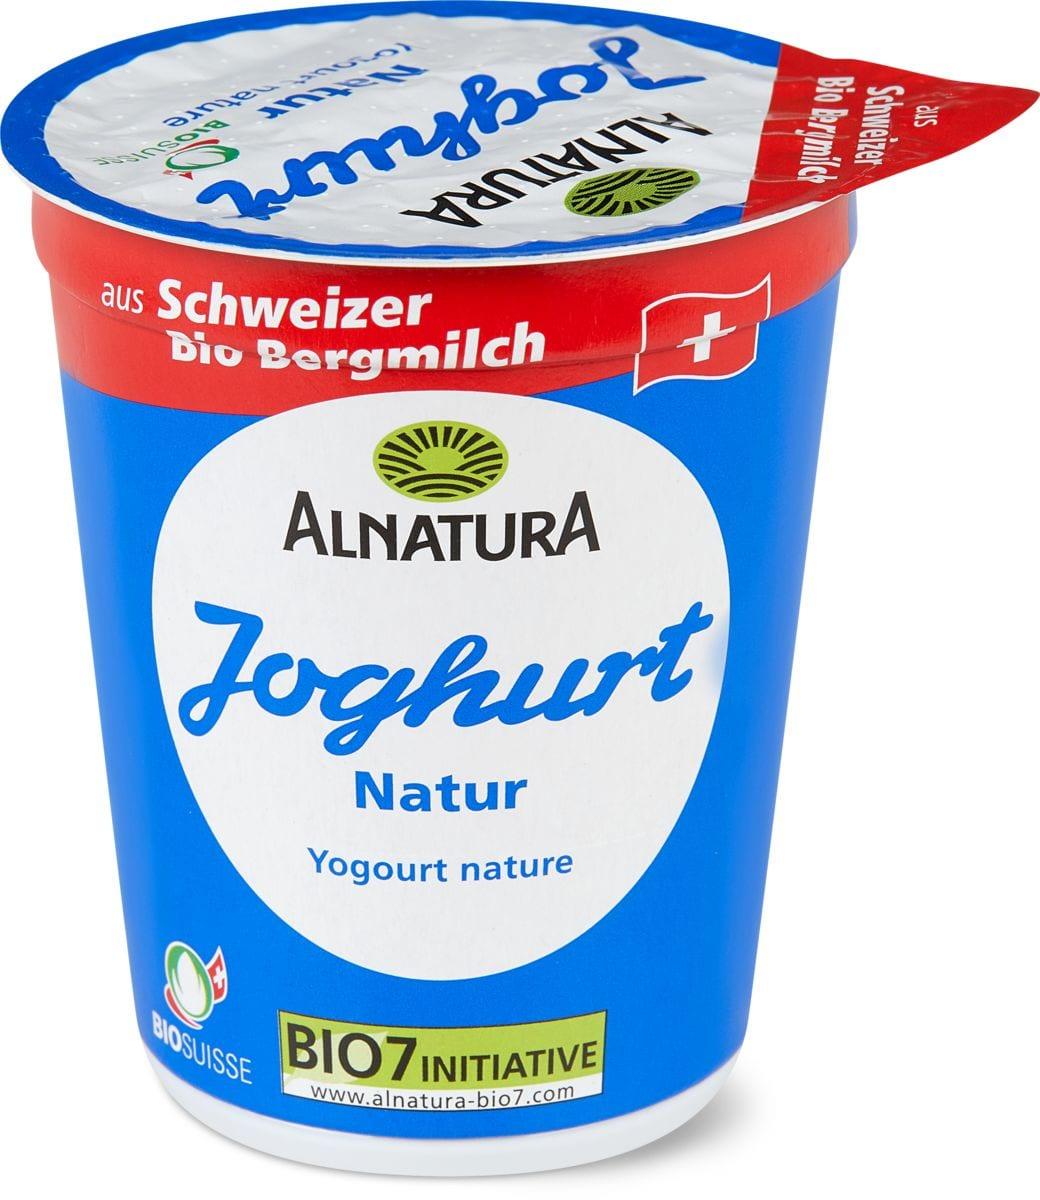 Alnatura Joghurt nature